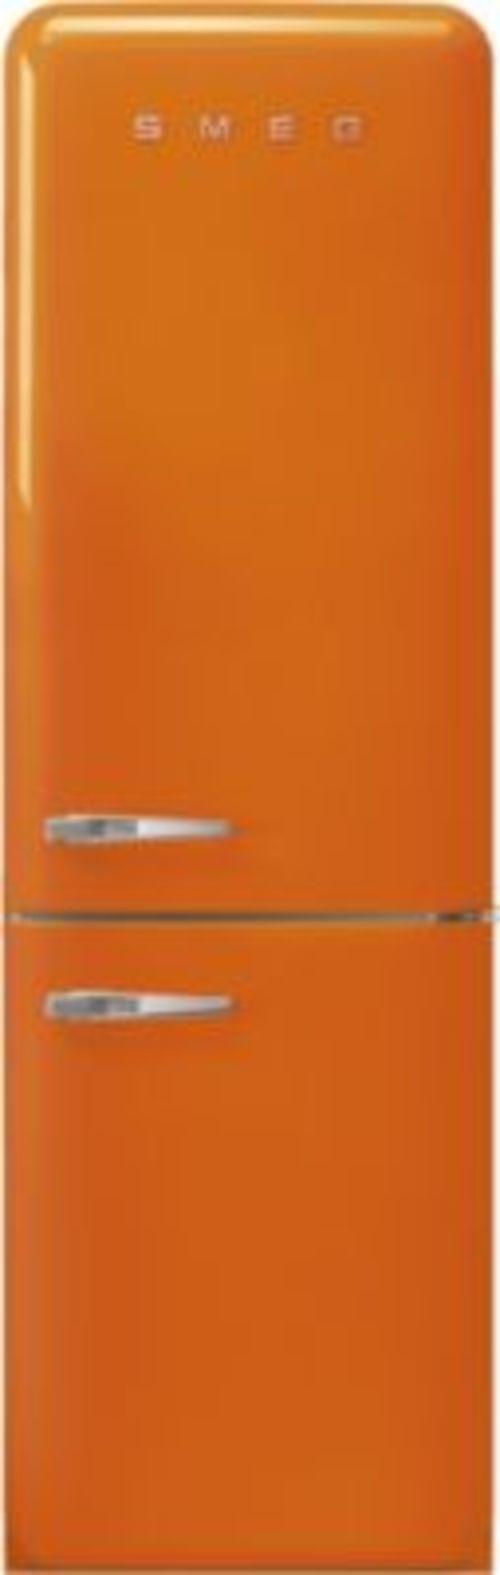 Réfrigérateurs congélateurs (combinés et 2 portes) - SMEG FAB32ROR3 (Orange)